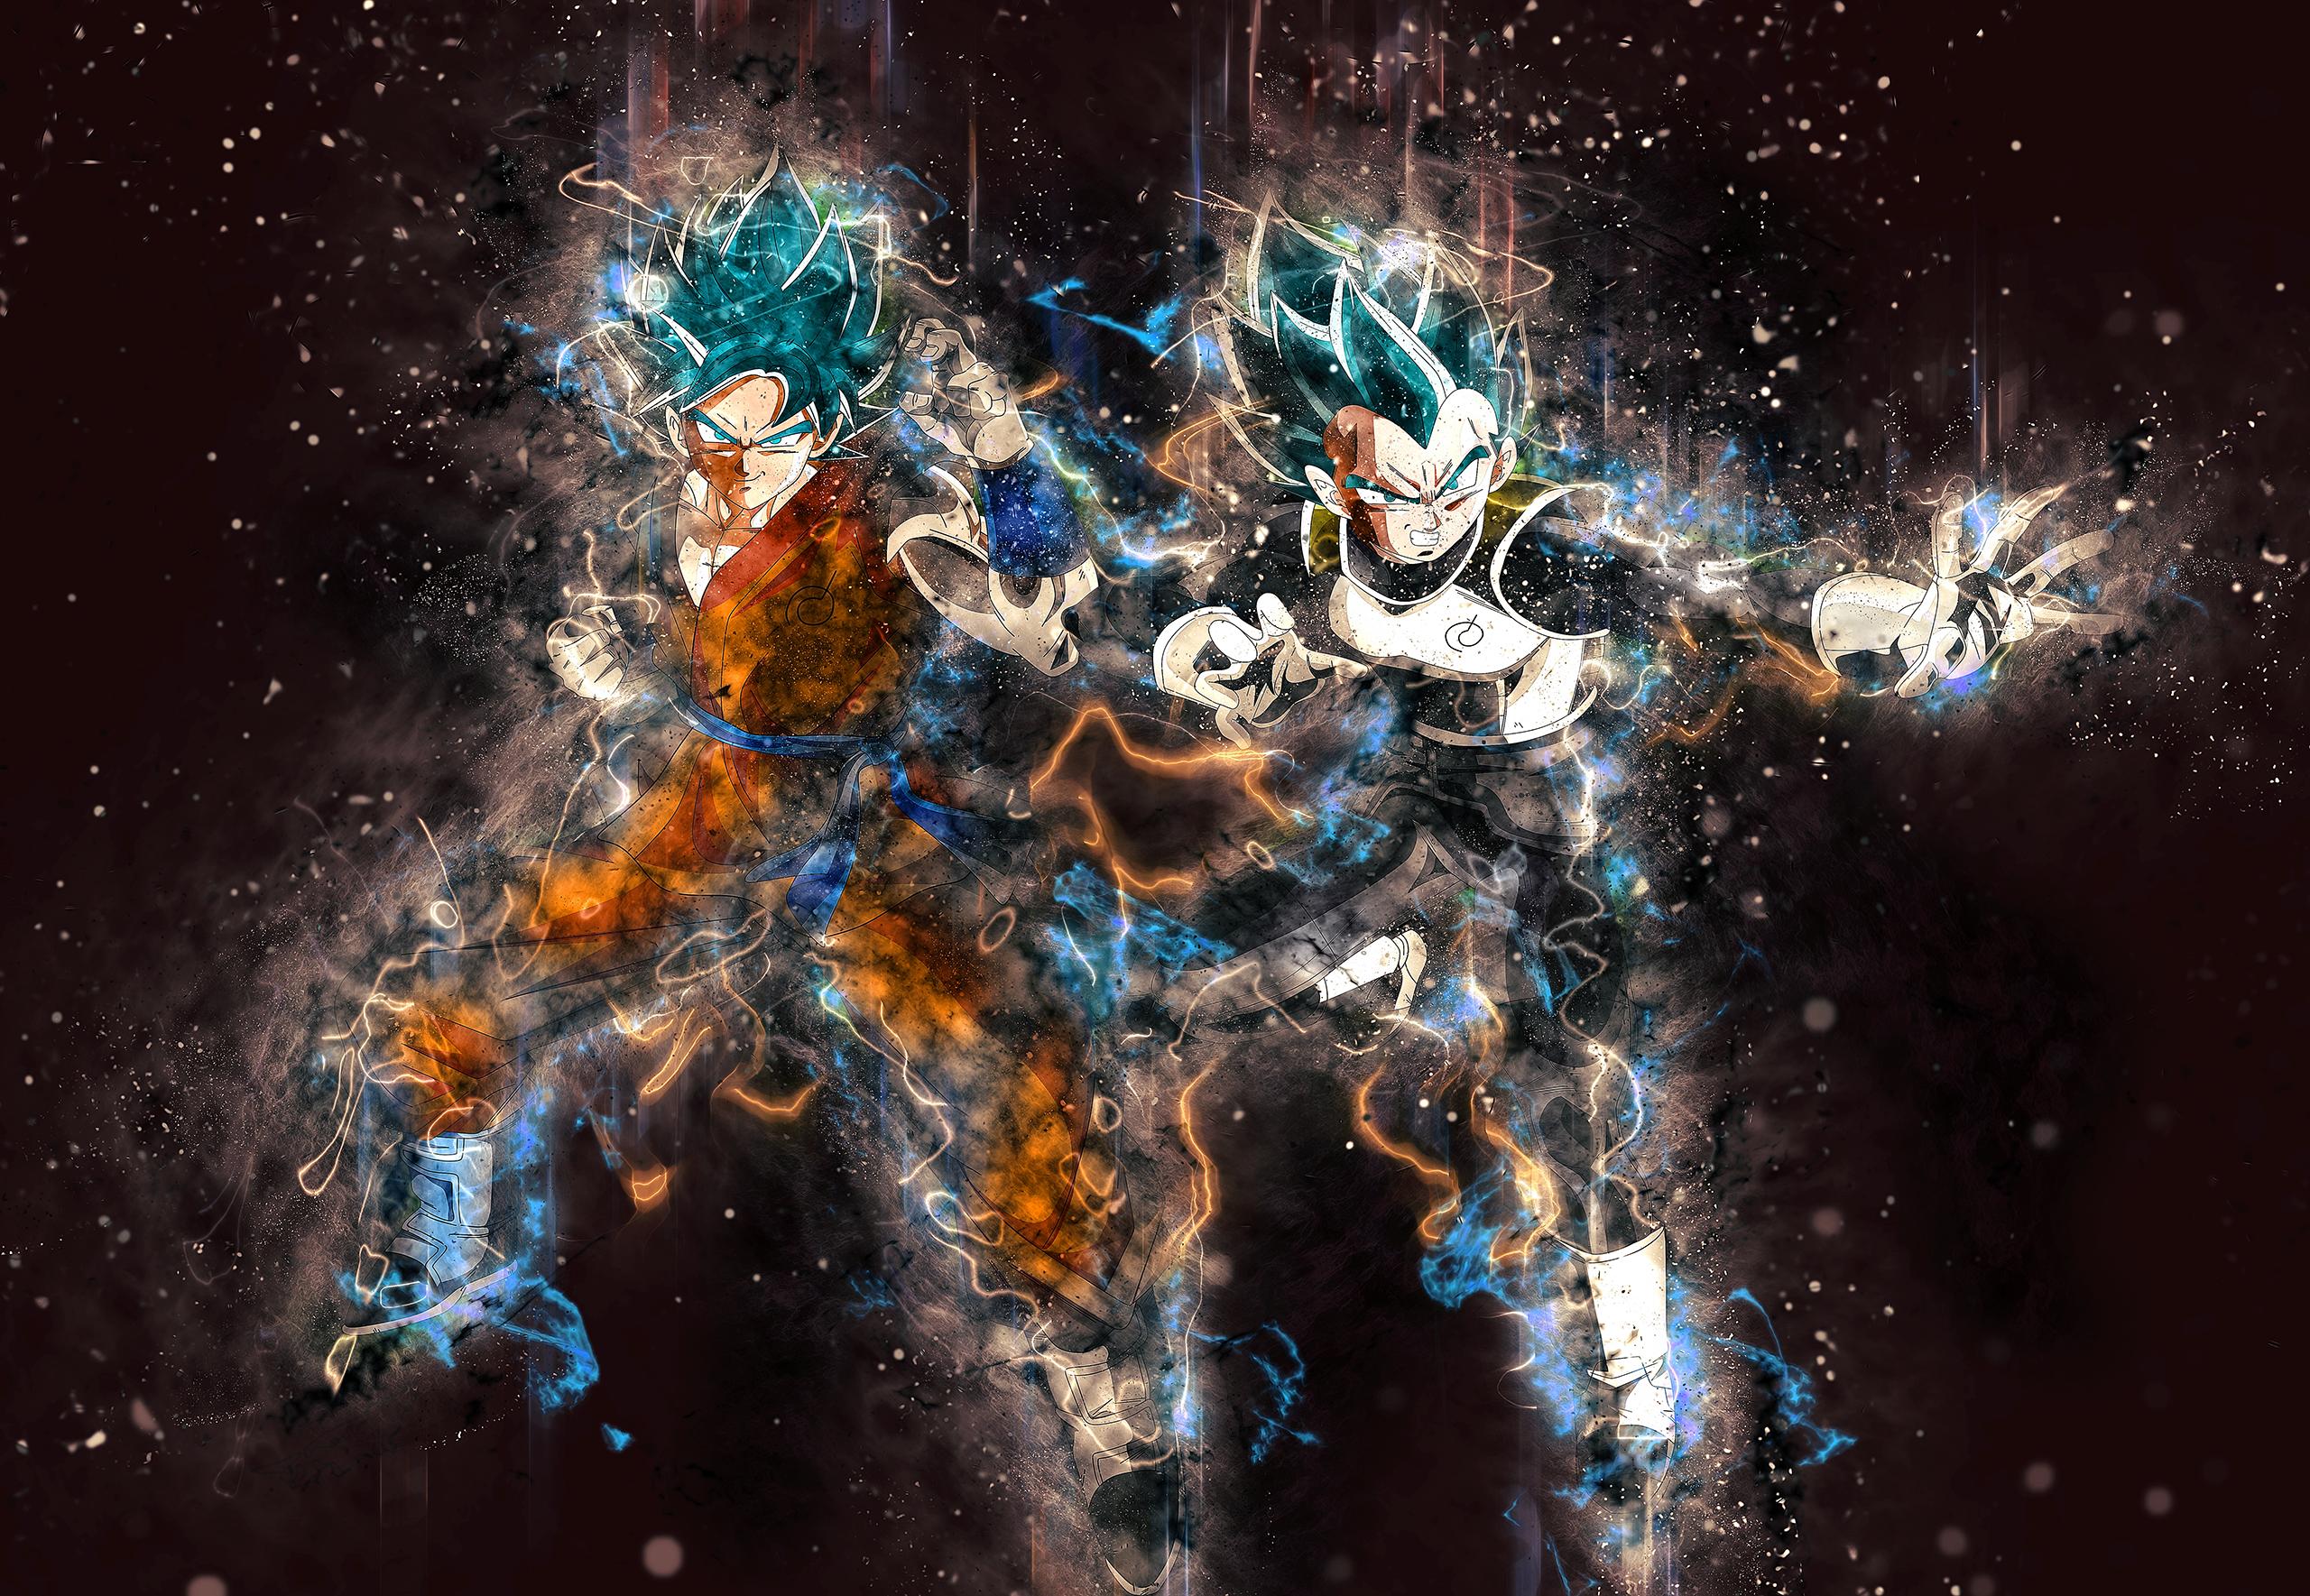 Son Goku De Dragon Ball Z Fondo De Pantalla Super Saiyan: Super Sayan God Fury Full HD Fondo De Pantalla And Fondo